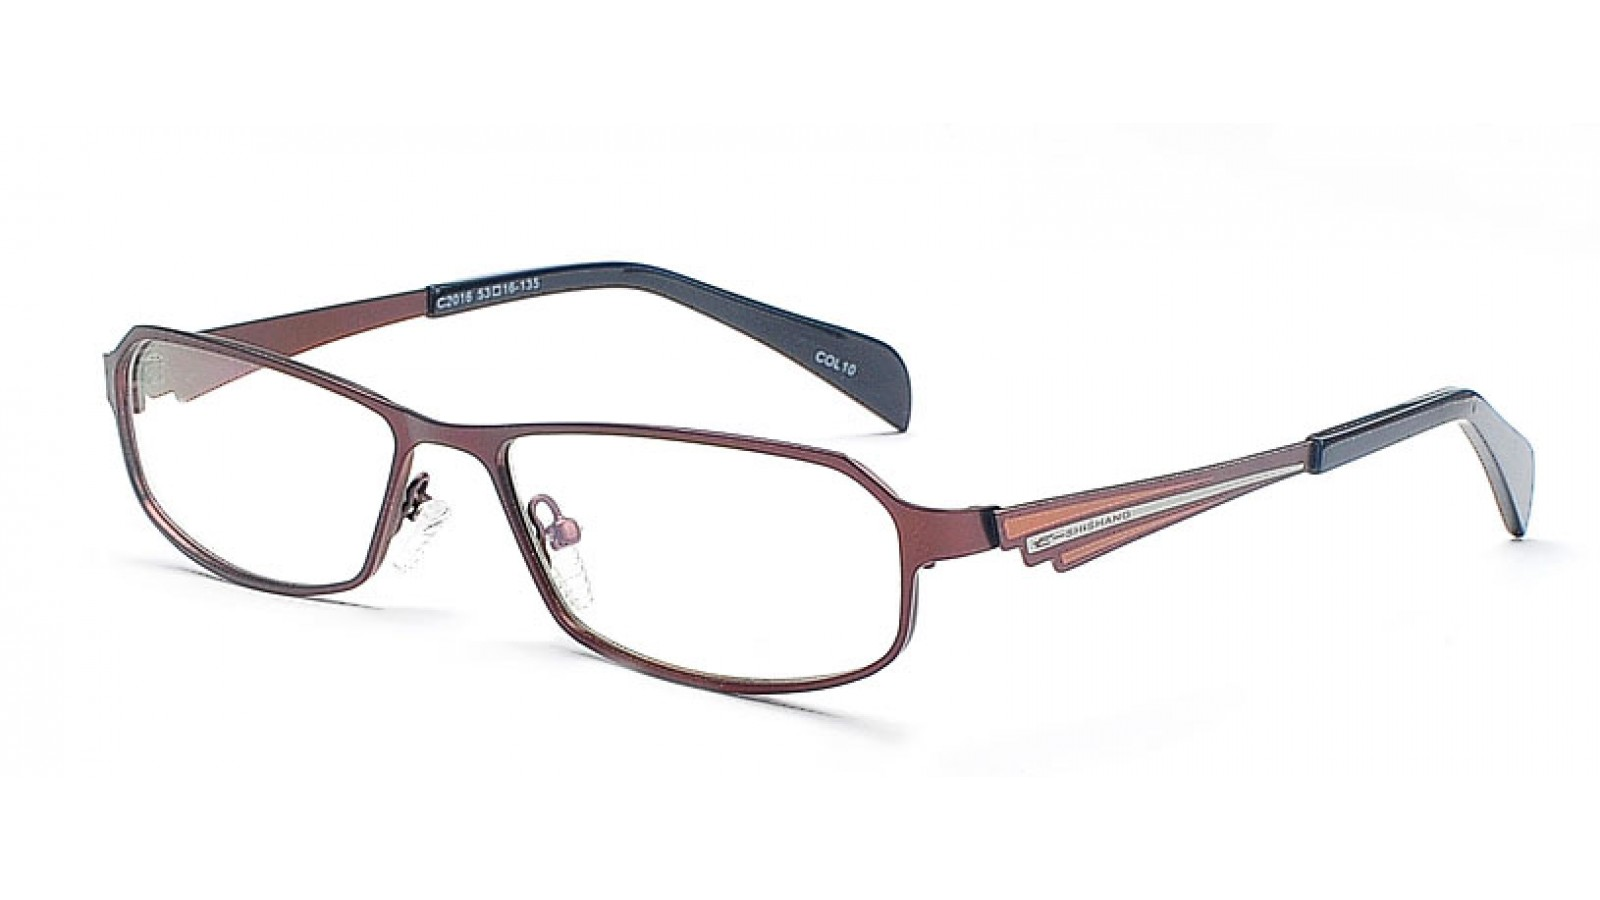 Vollrandbrille - Schön geformte Brillenfassung